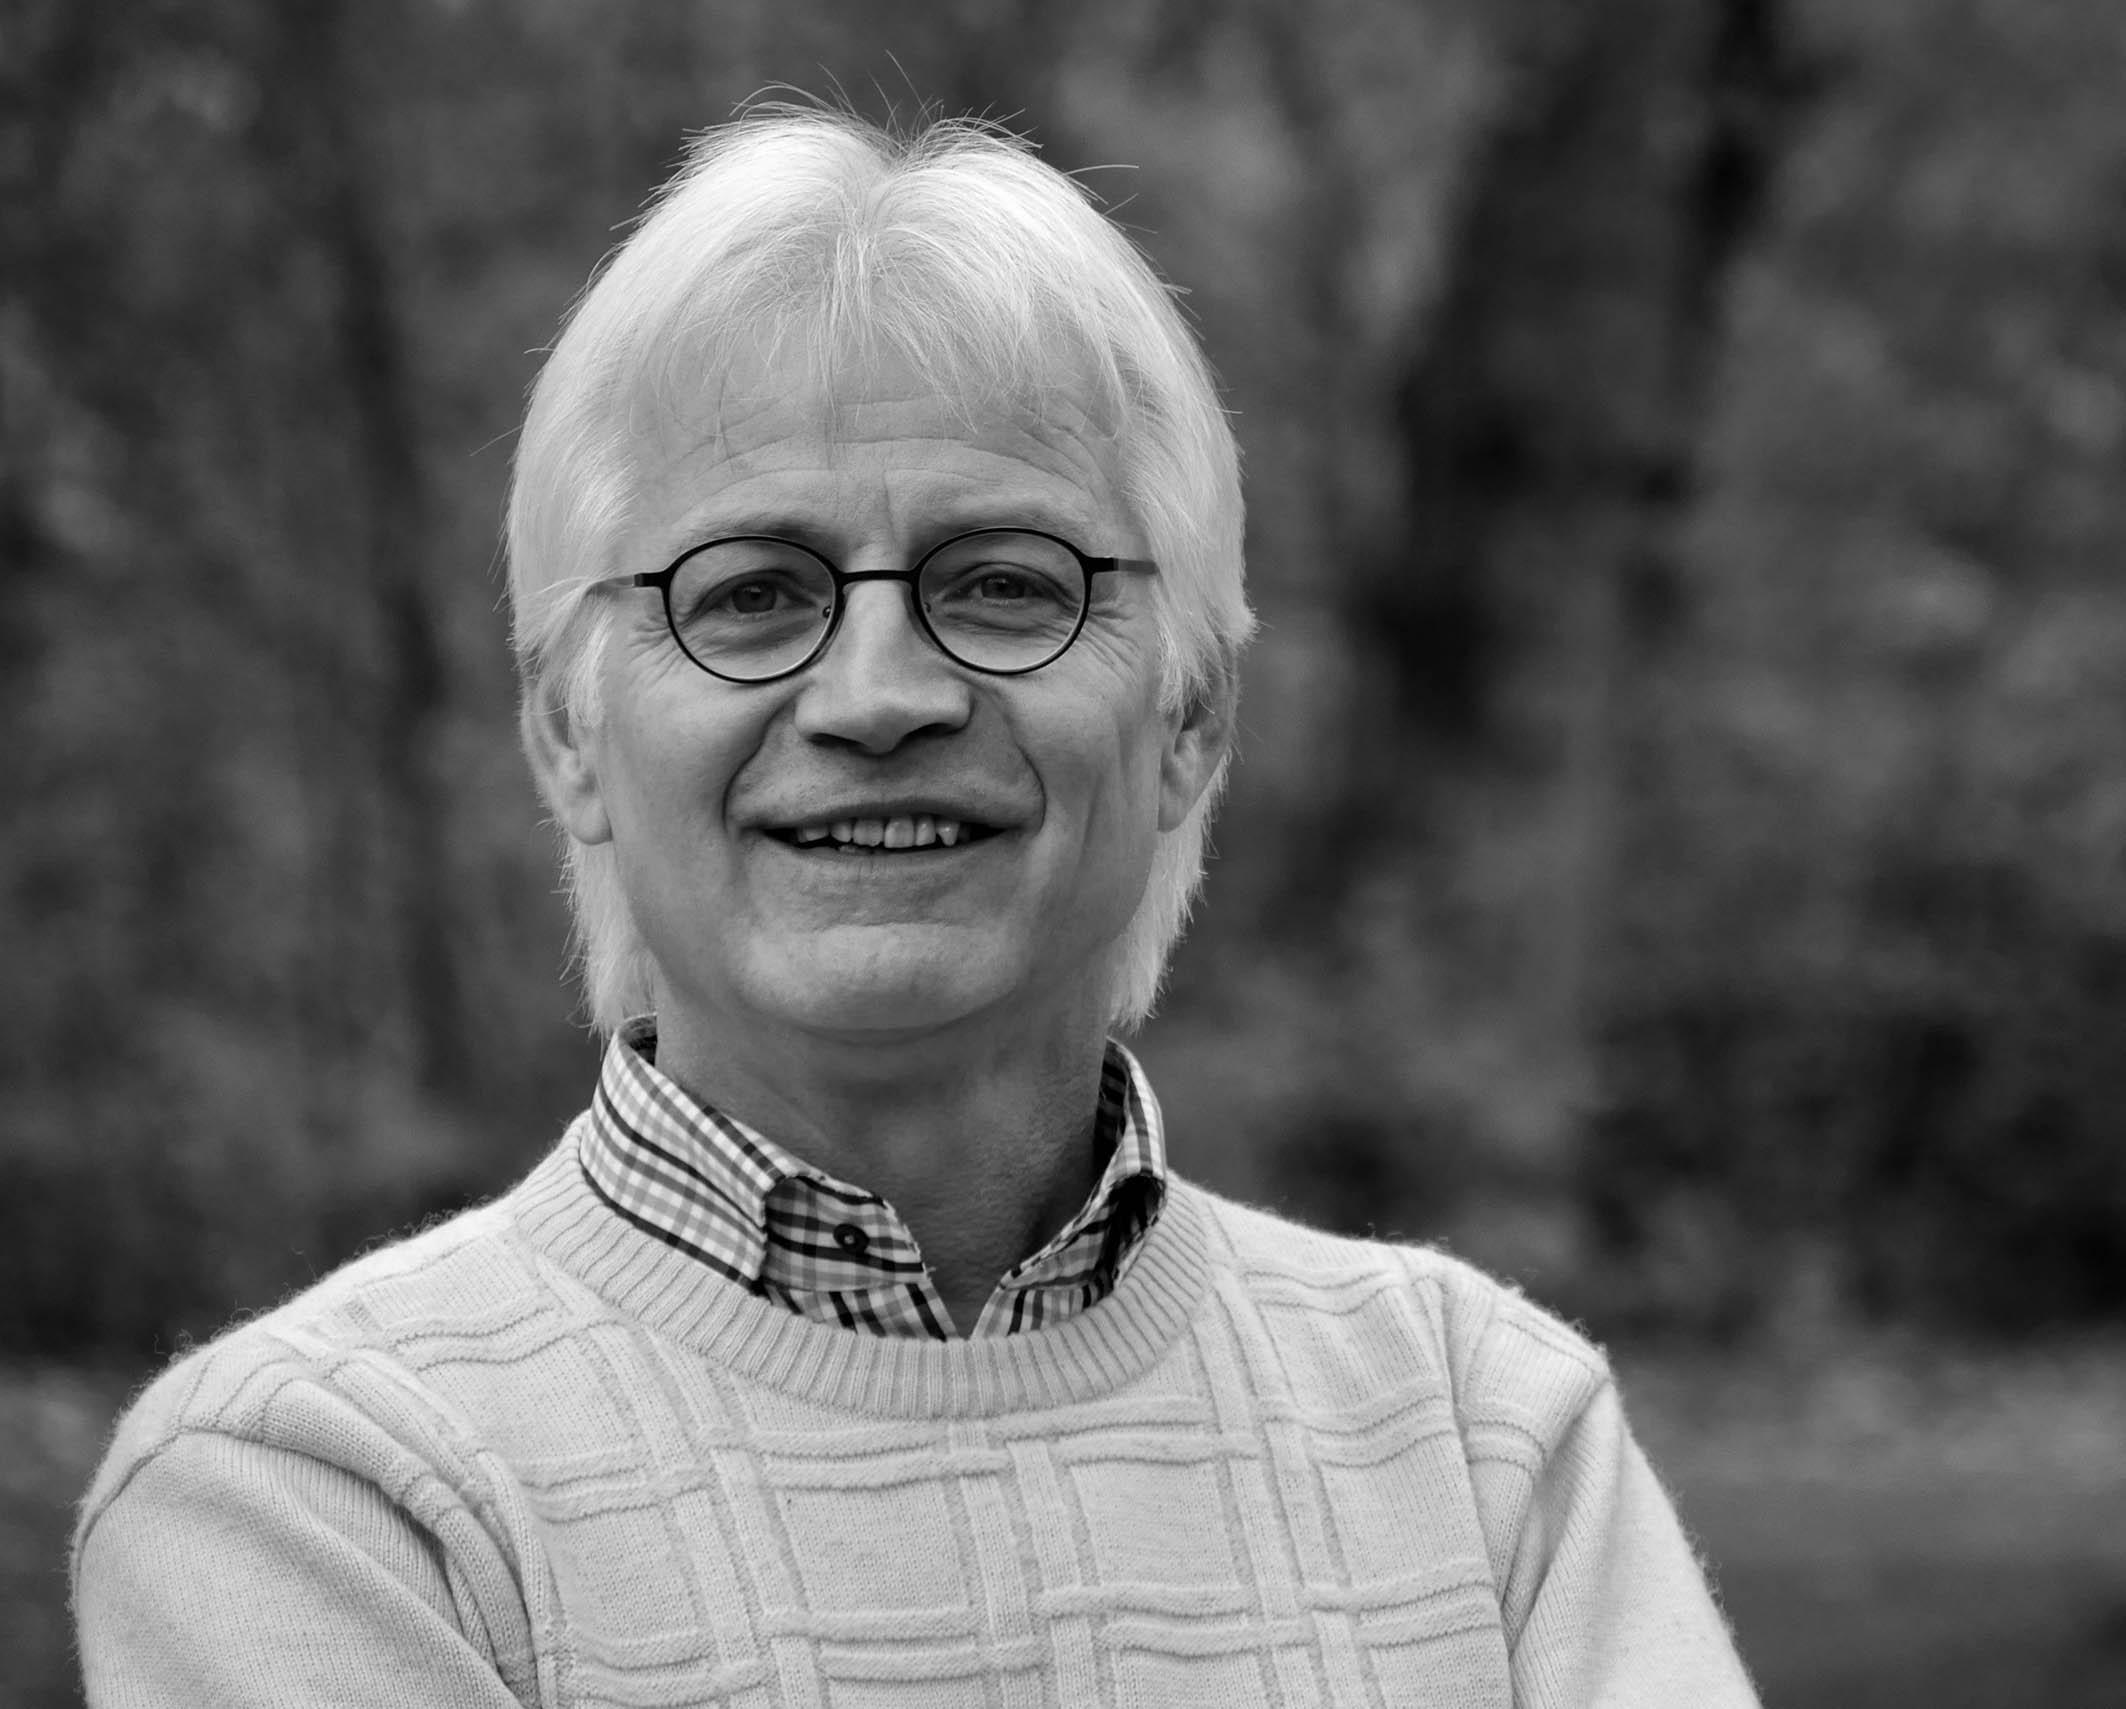 Hanspeter Jecker, langjähriger Dozent am Bildungszentrum Bienenberg und Leiter der Fachstelle für Täufergeschichte   hanspeter.jecker{at}bienenberg.ch